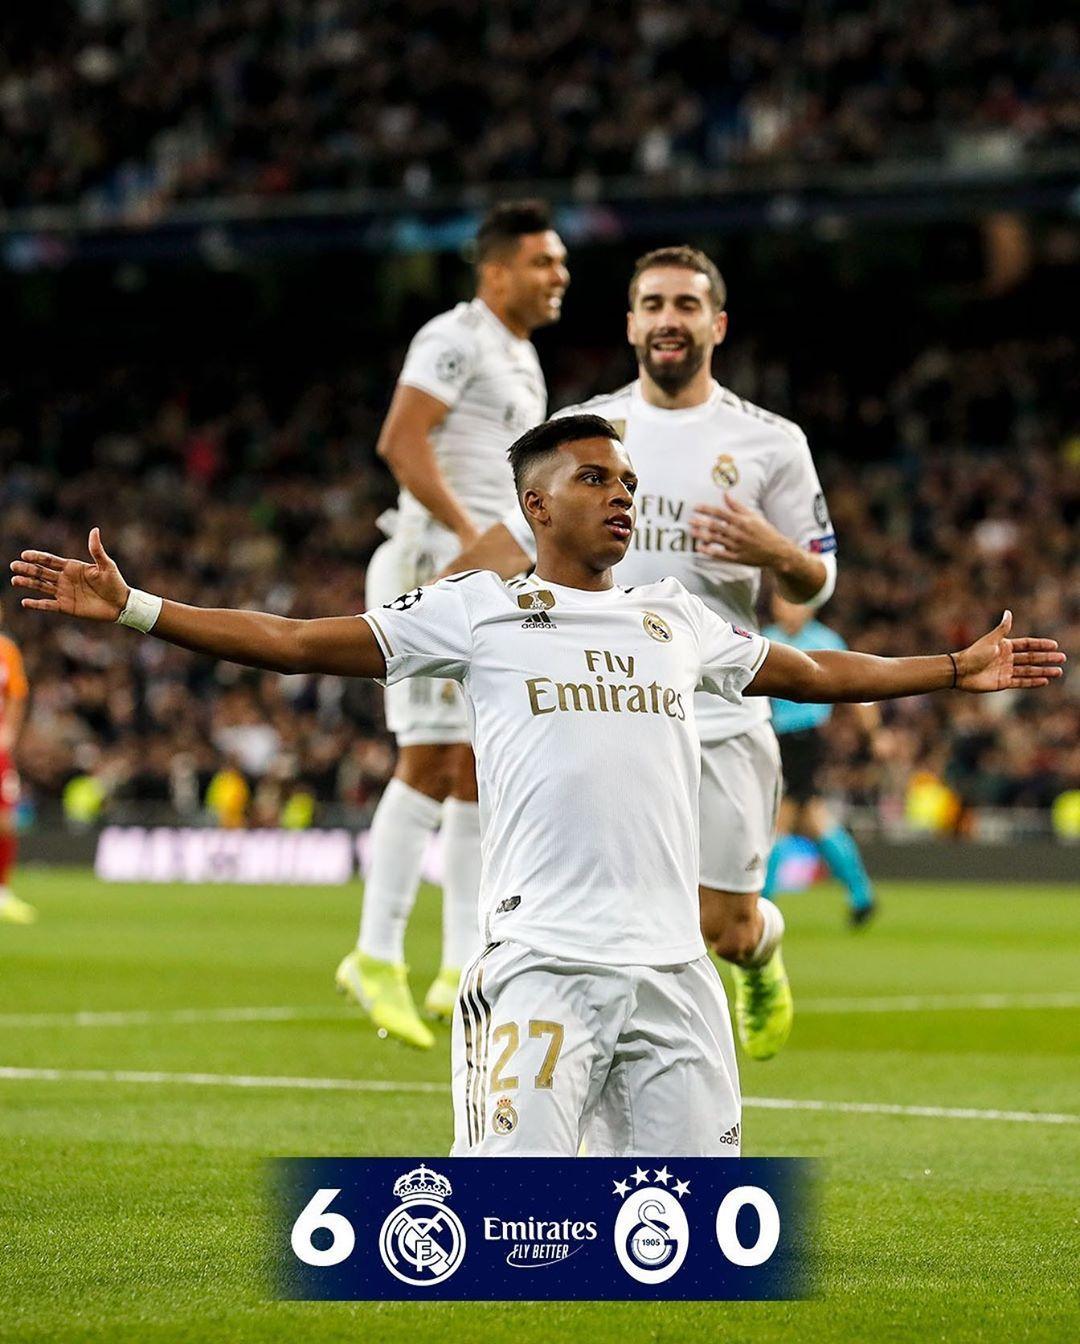 40k Likes 1 472 Comments Real Madrid C F Realmadrid On Instagram Real Madrid 6 0 Galatasaray 4 Rodrygogoe Real Madrid Futebol Espanhol Vinicius Jr